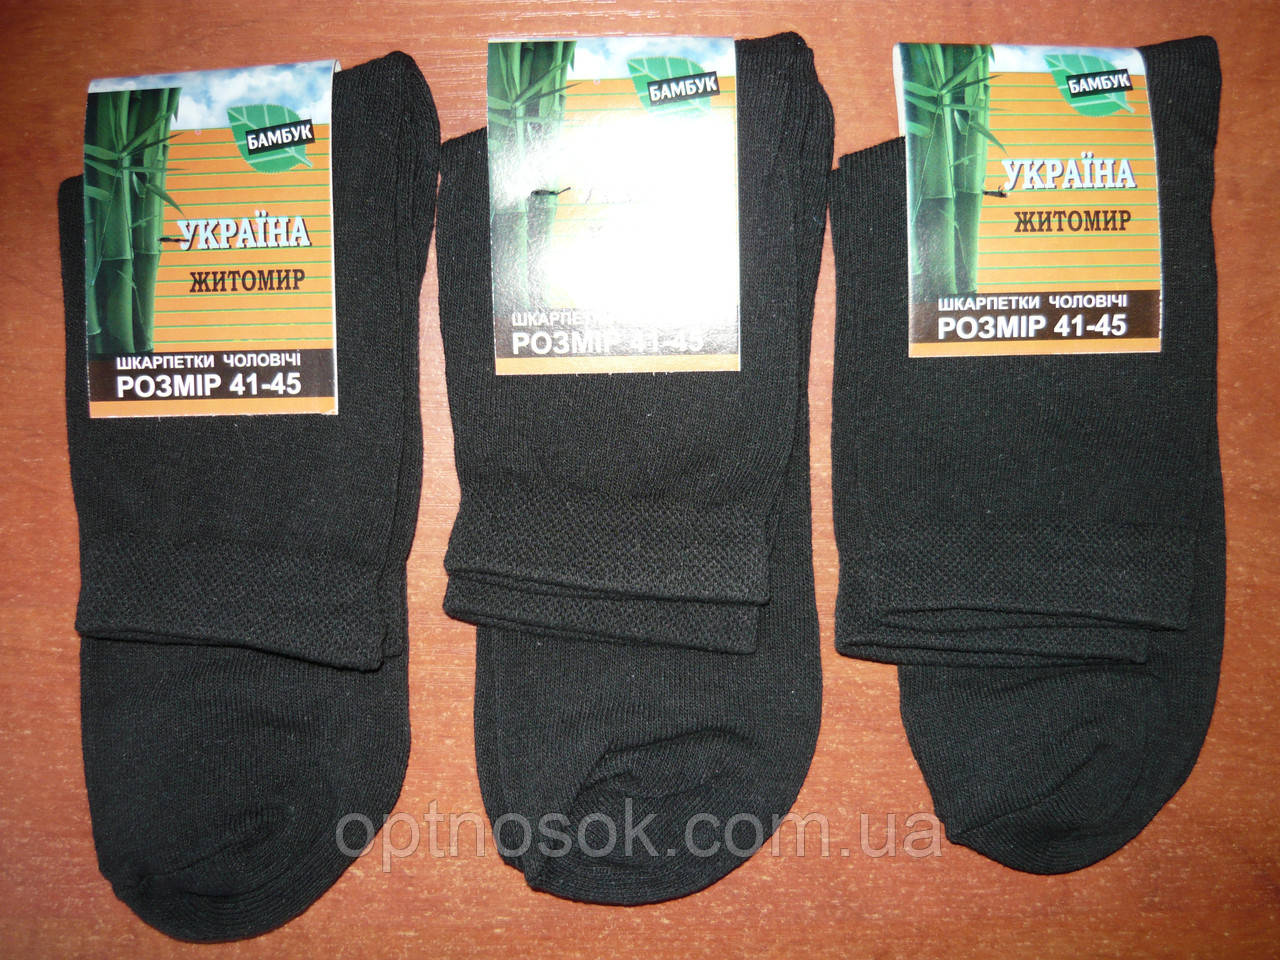 Носок мужской стрейч Украина. Бамбук. р. 41-45. Житомир. Черный